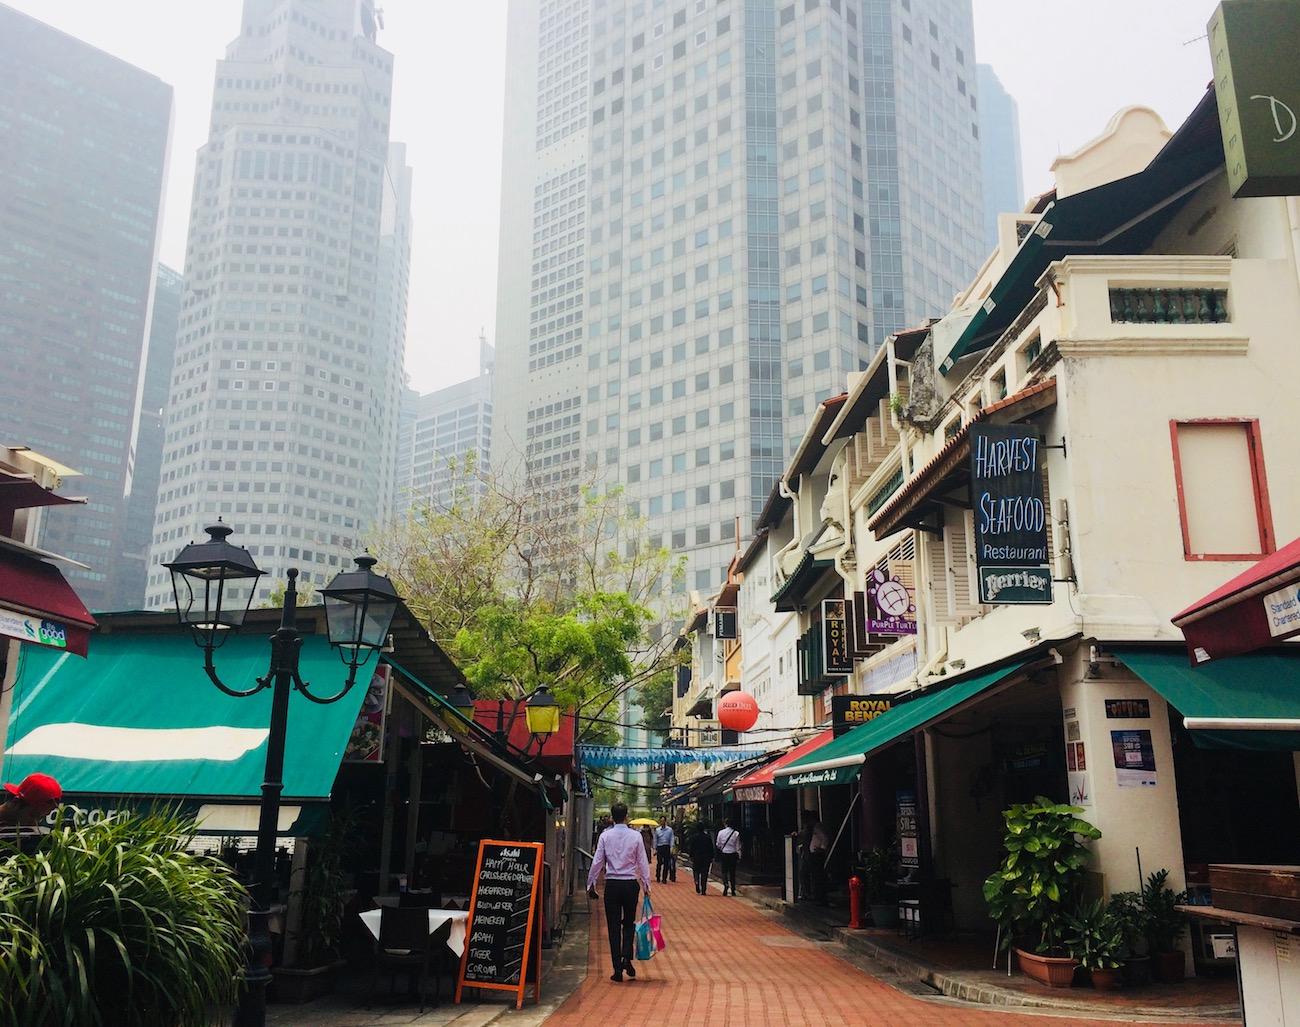 Segunda-feira em Singapura. Foto: Patti Neves